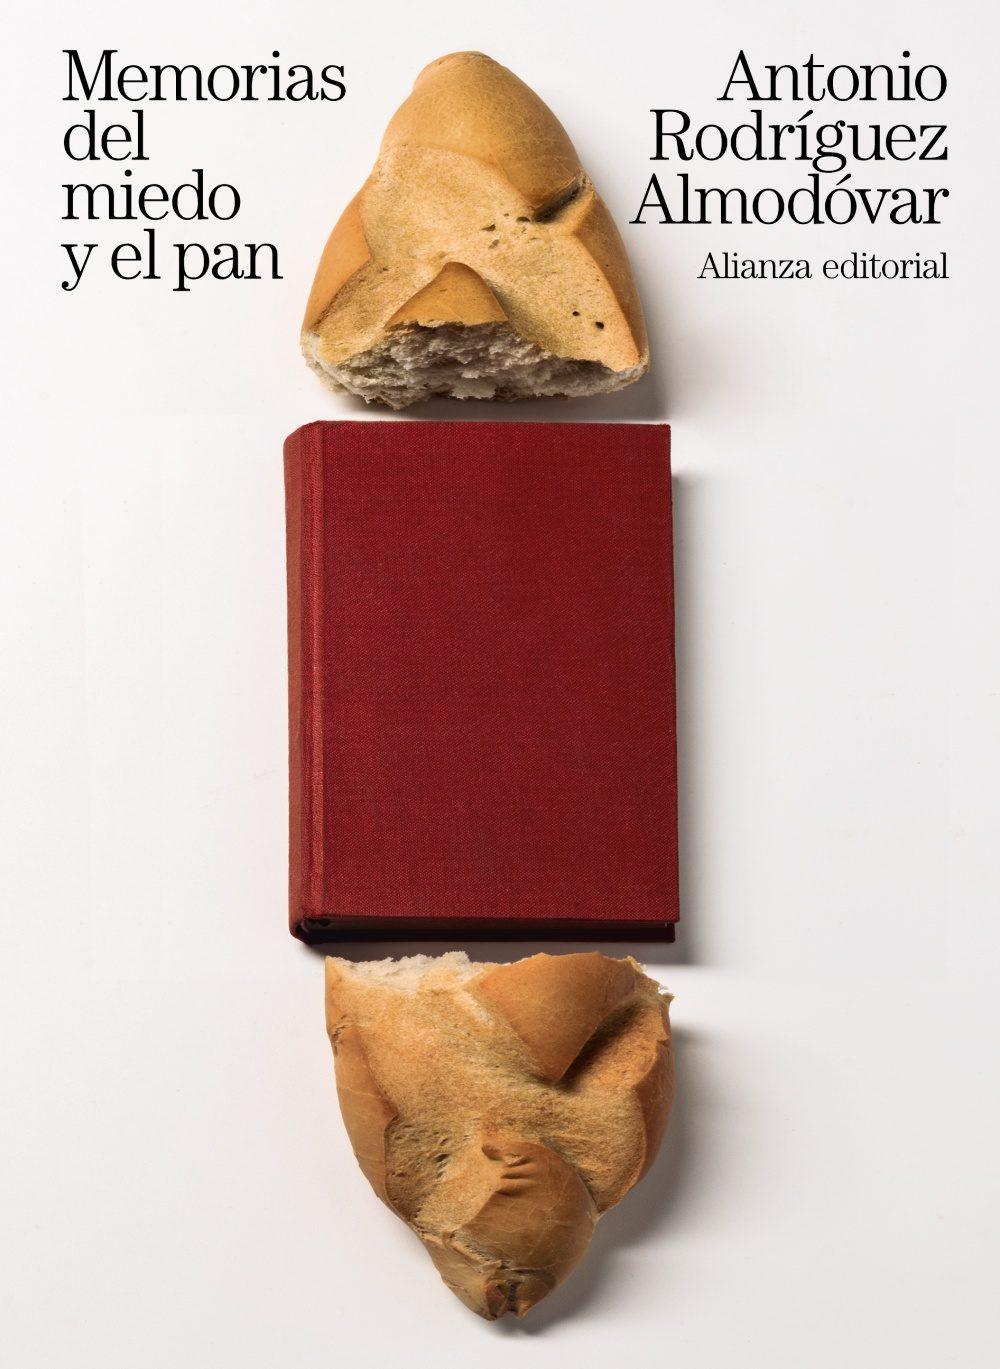 'Memorias del miedo y el pan' de Antonio Rodríguez Almodóvar